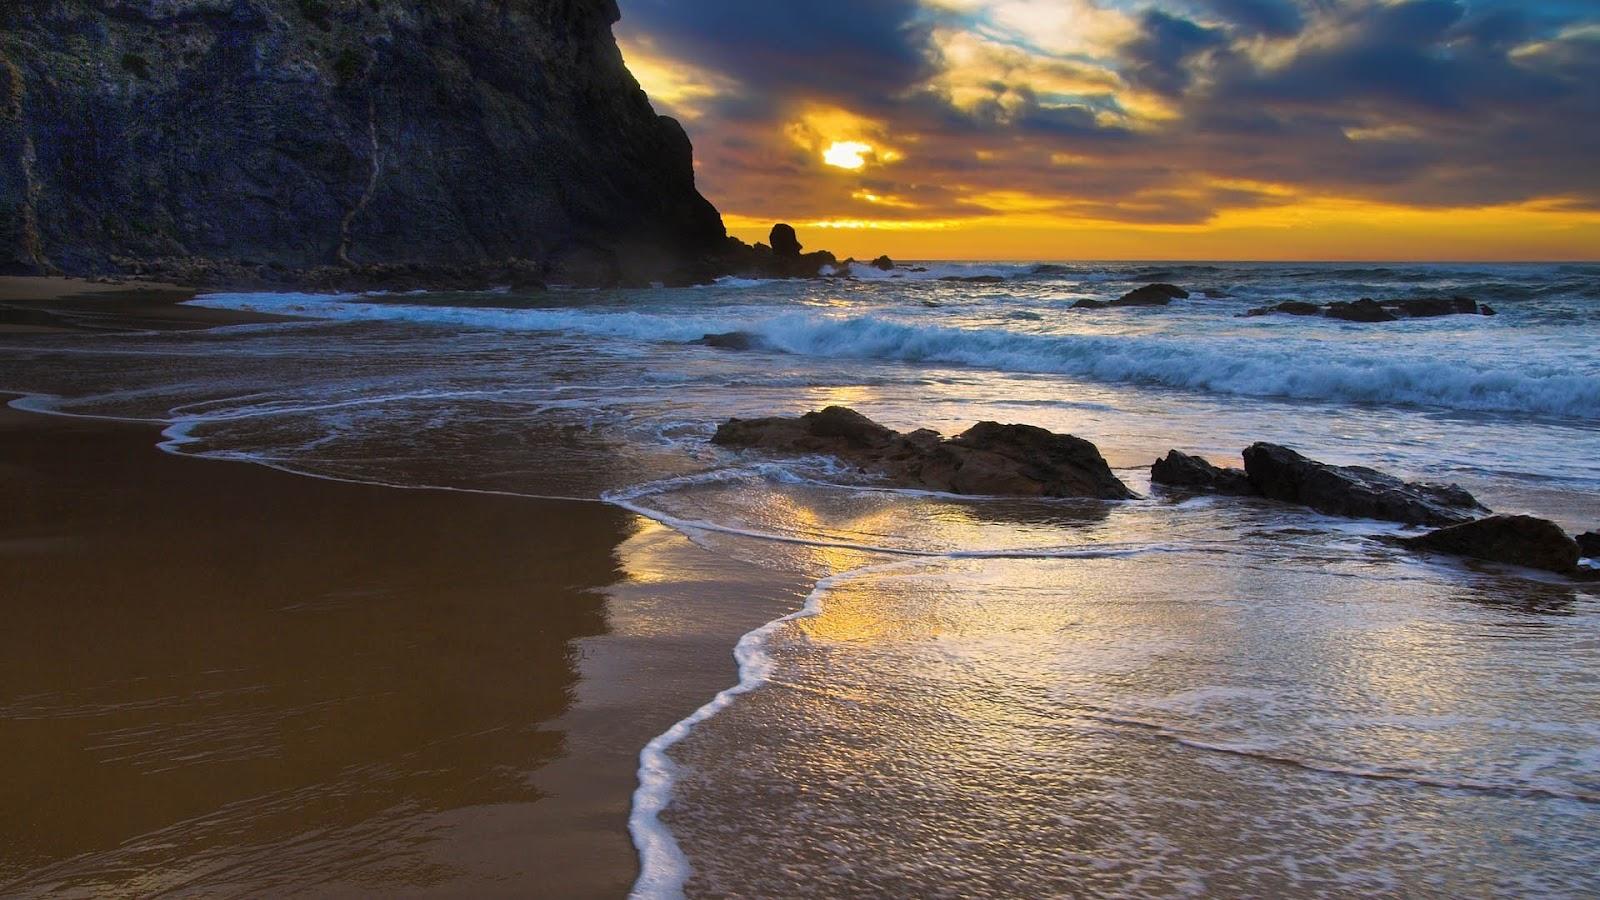 Kostenlose Desktophintergrundbilder für den PC - Hintergrundbilder Kostenlos Meer